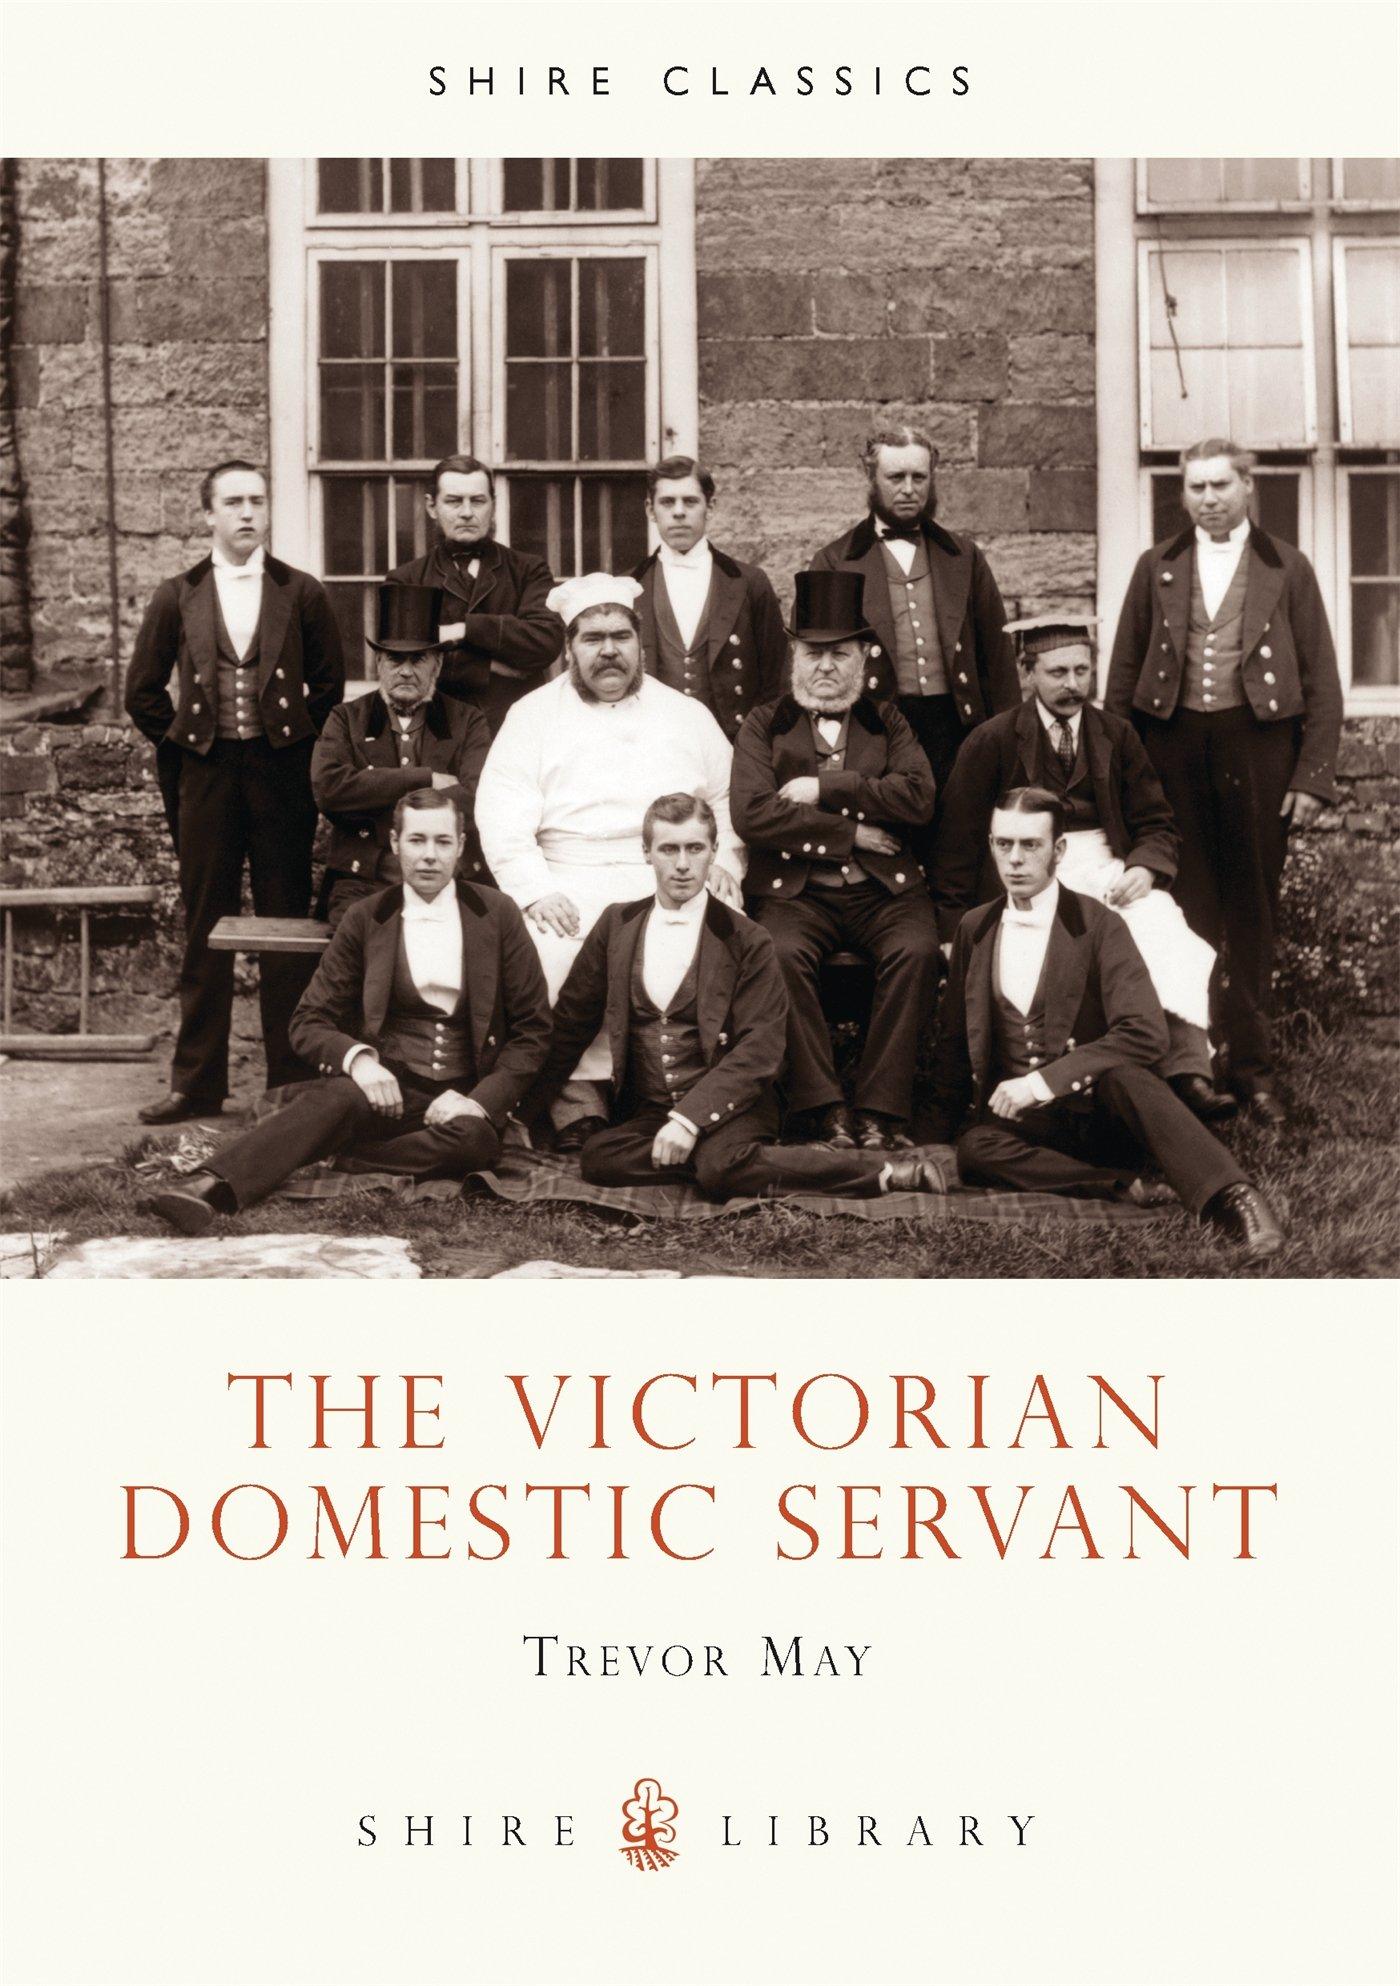 The Victorian Domestic Servant (Shire Library)